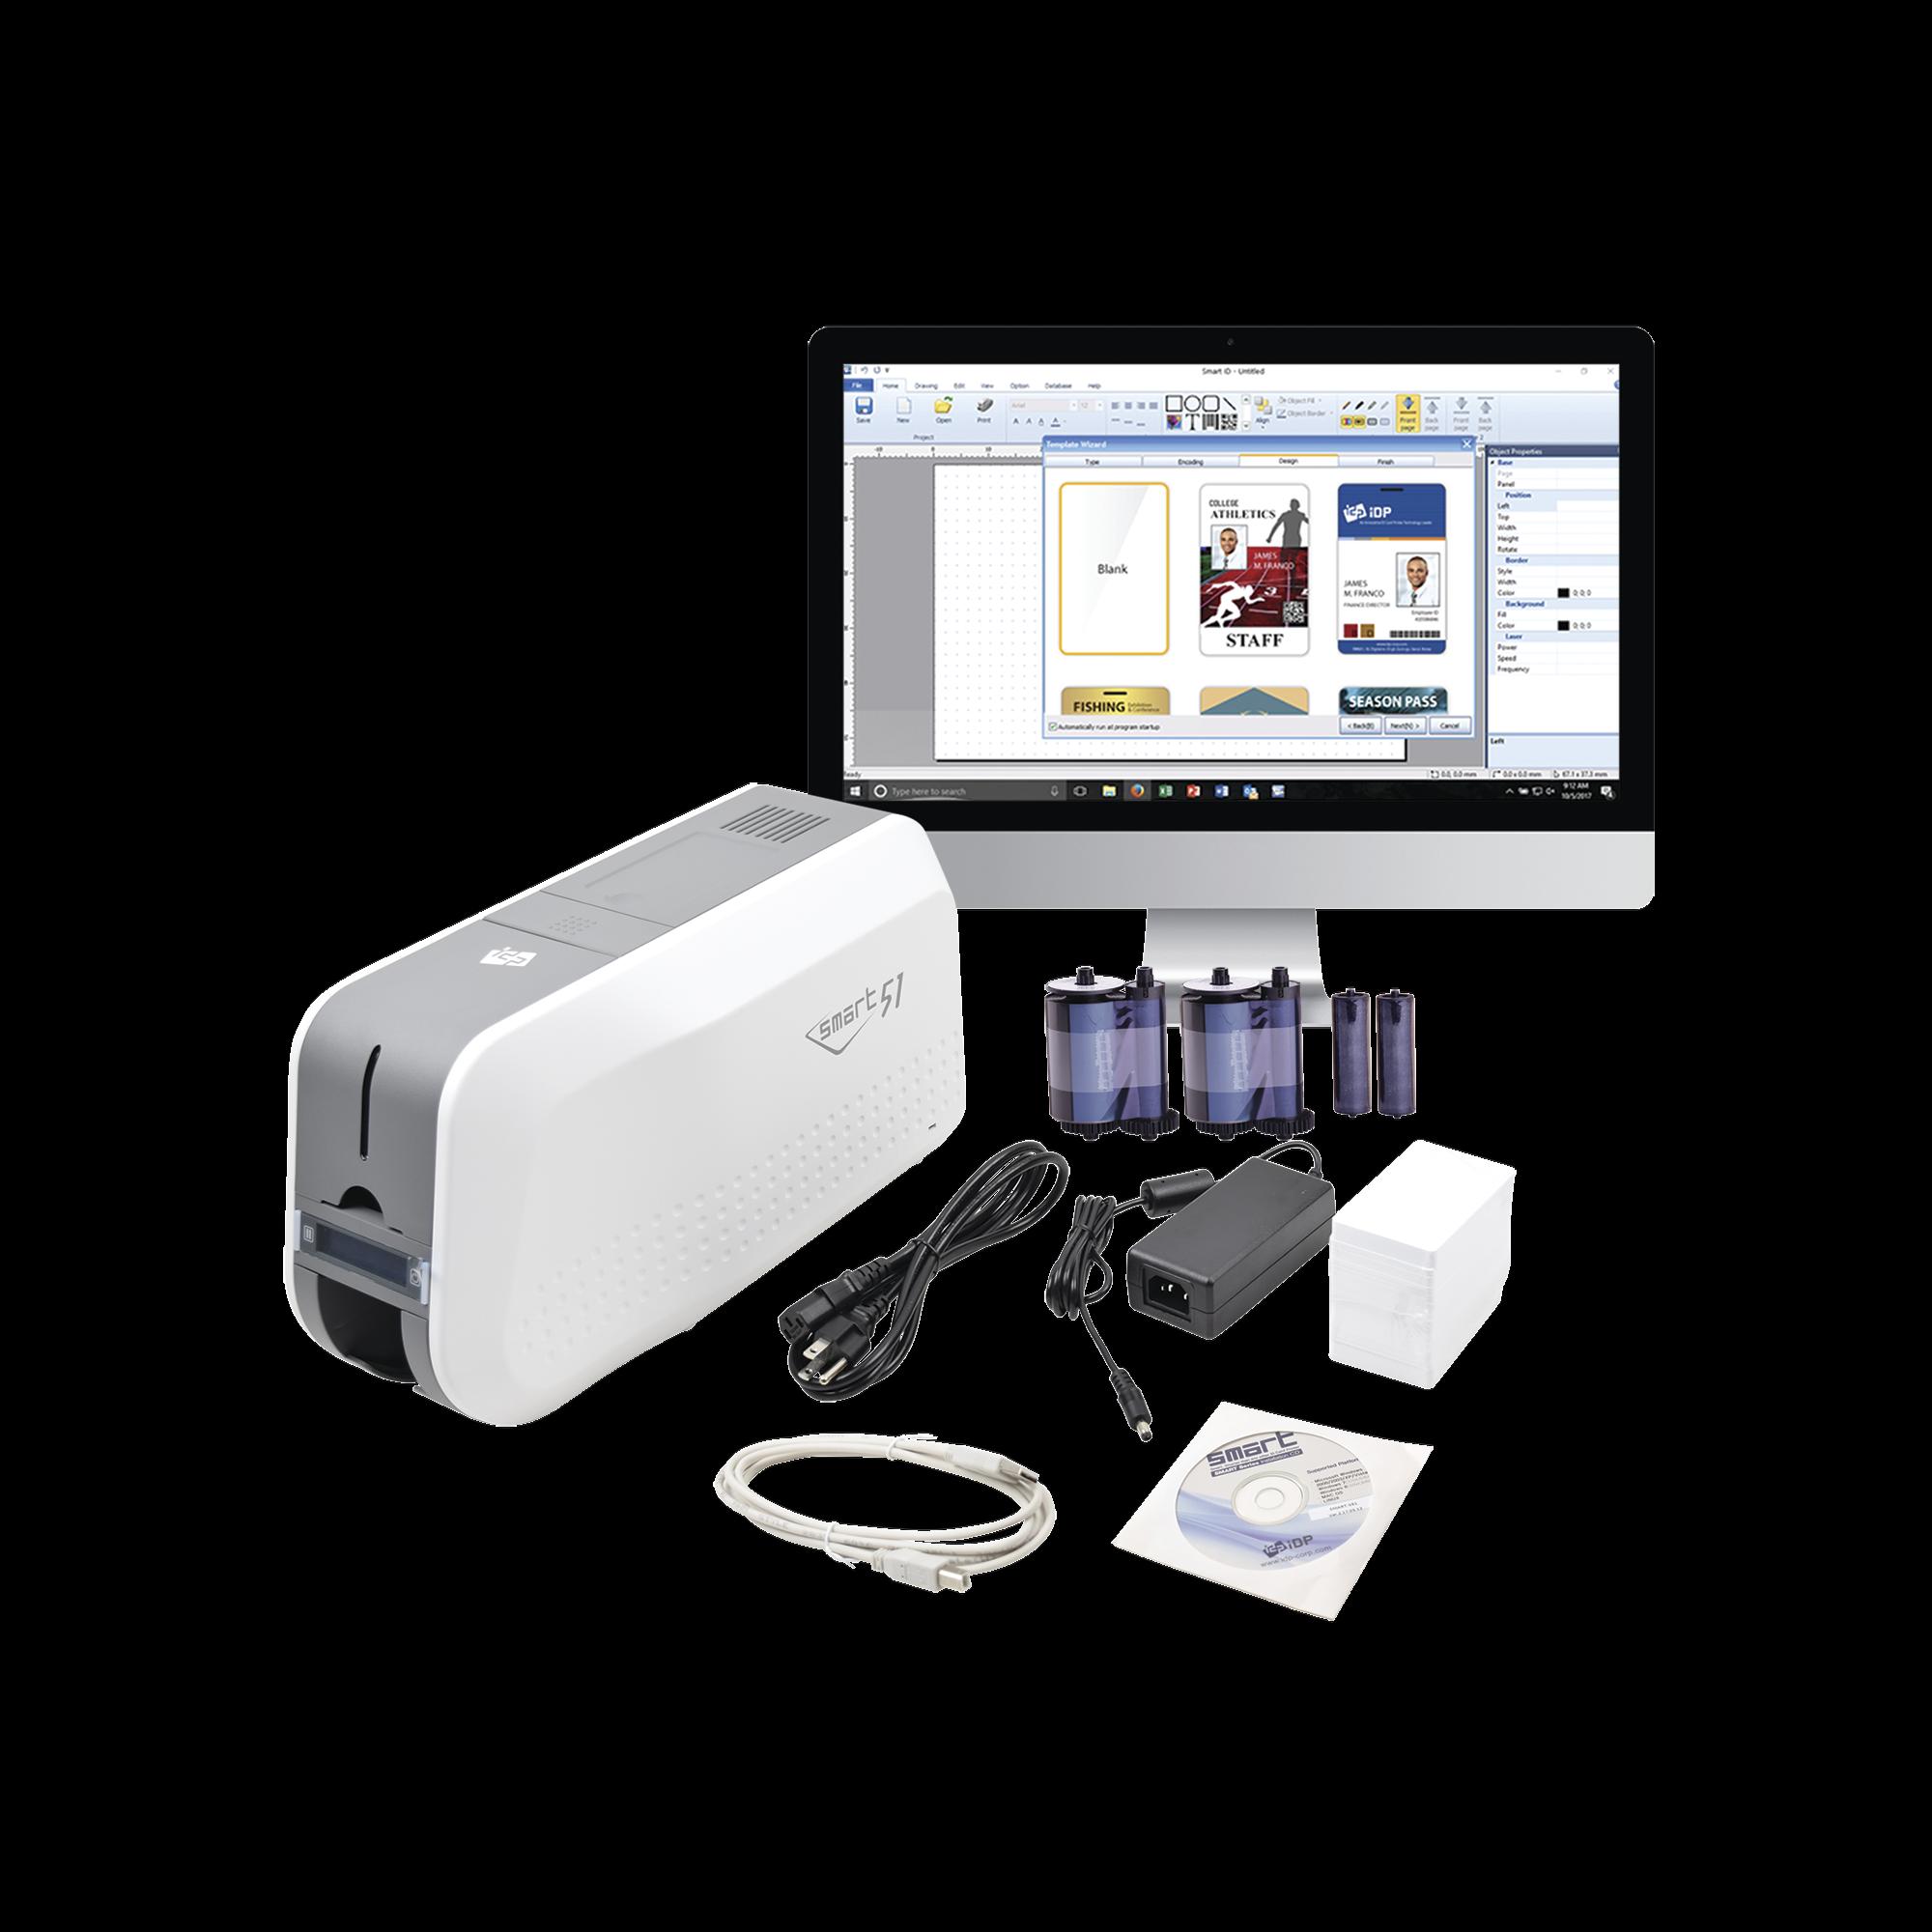 Kit de Impresora tarjetas de PVC / Puede Crecer a Laminador/ Una Cara / Incluye: 2 x Ribbon a Color, 100 Tarjetas PVC, Kit de Limpieza, Software